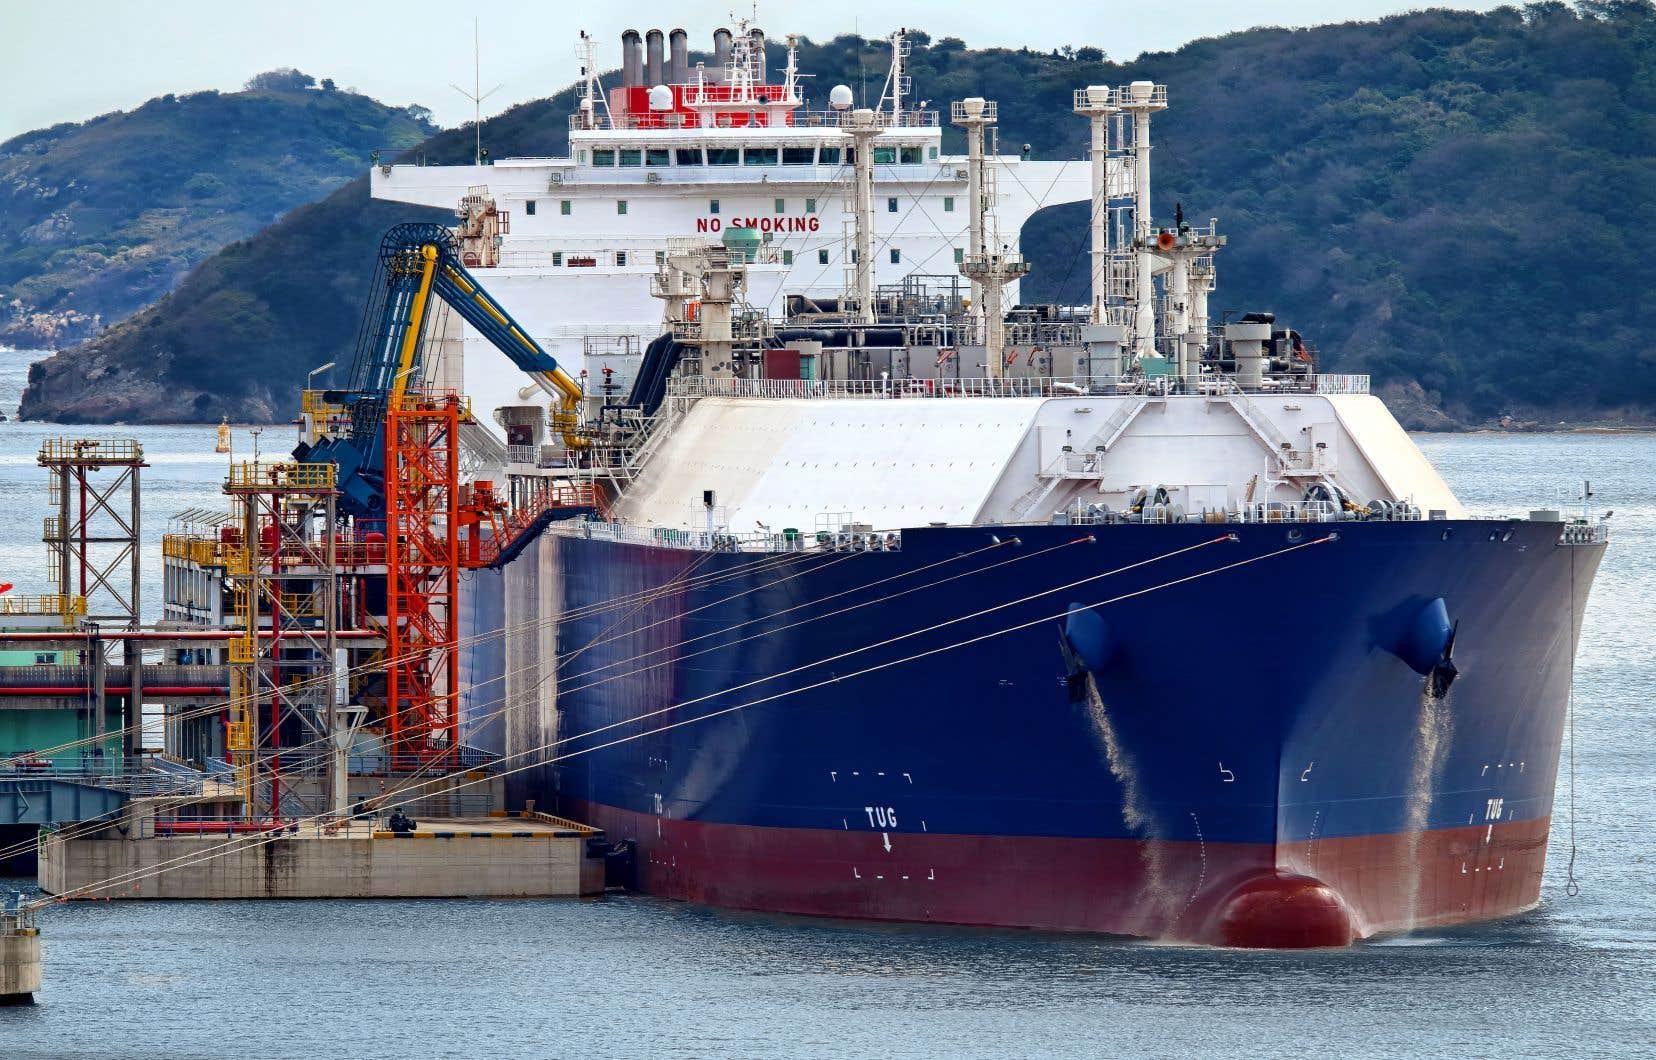 L'entreprise GNL Québec affirme que la hausse du trafic maritime liée à son projet est compatible avec la protection du fjord du Saguenay.